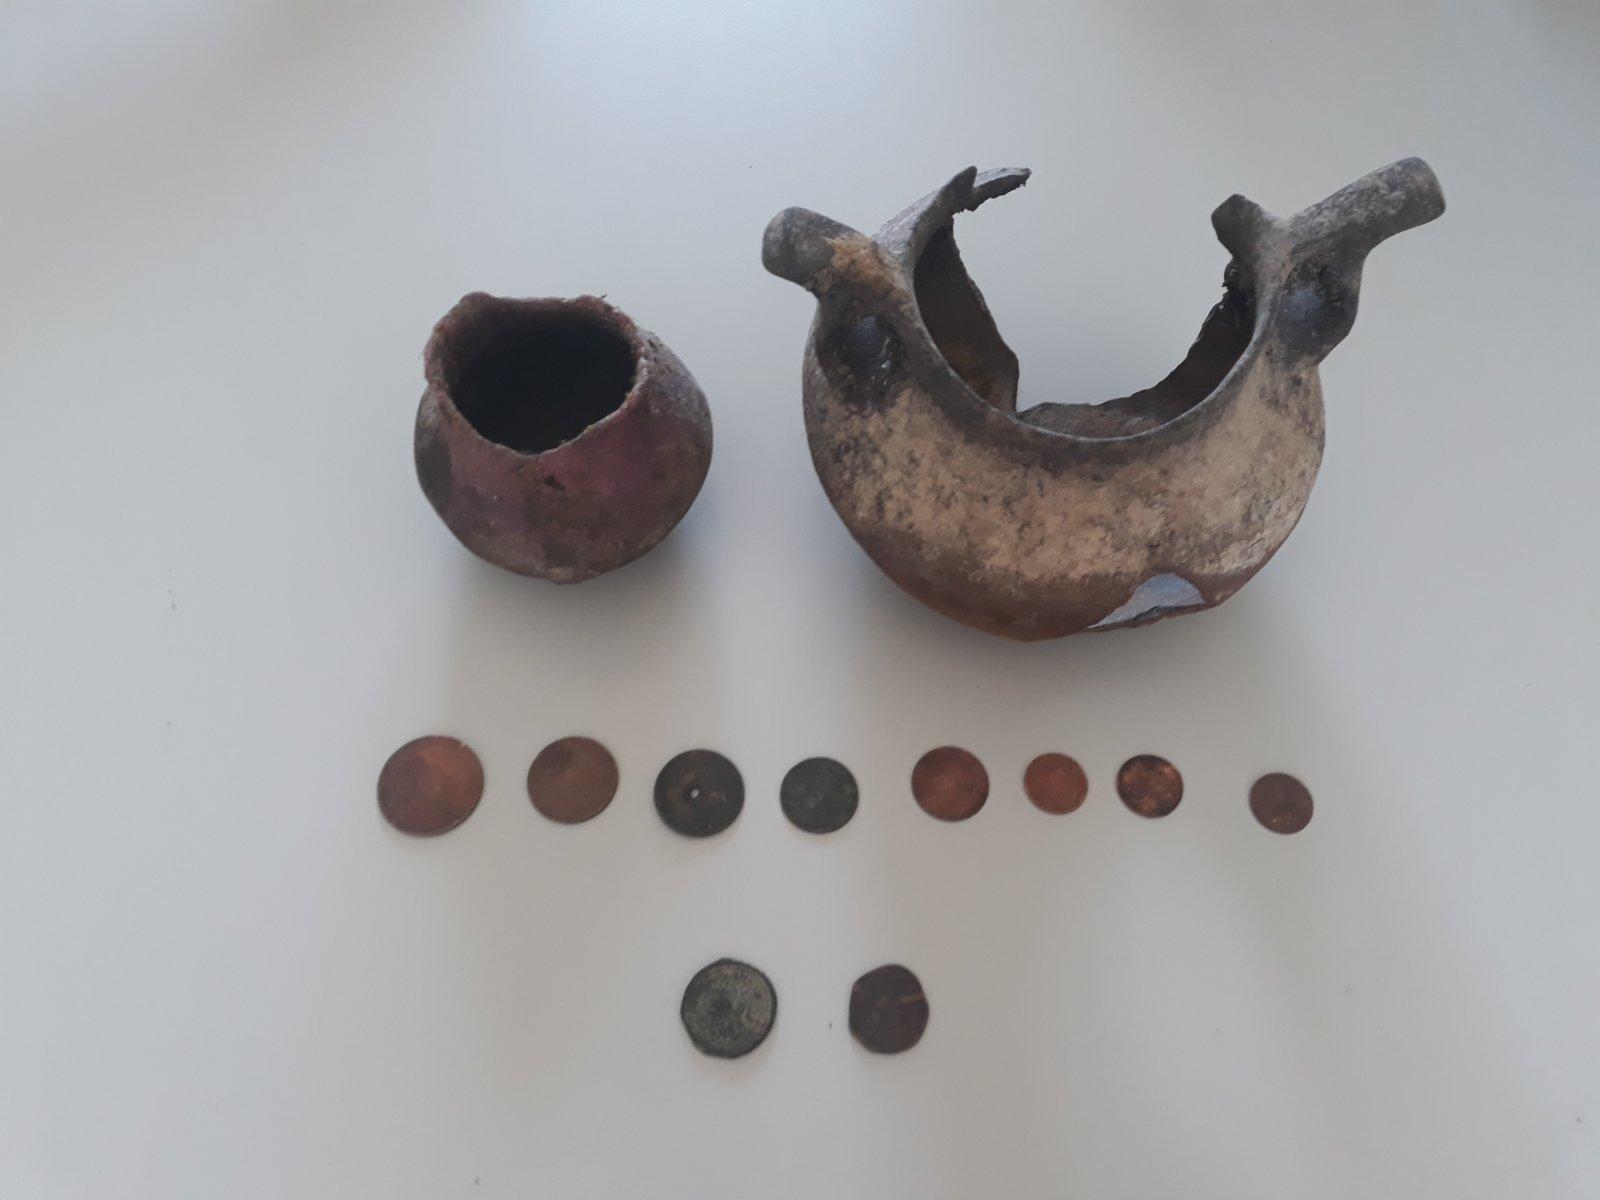 Φλώρινα: Μεγάλες ποσότητες πολεμικού υλικού καθώς και αντικείμενα αρχαιολογικής αξίας, βρέθηκαν και κατασχέθηκαν σε οικία